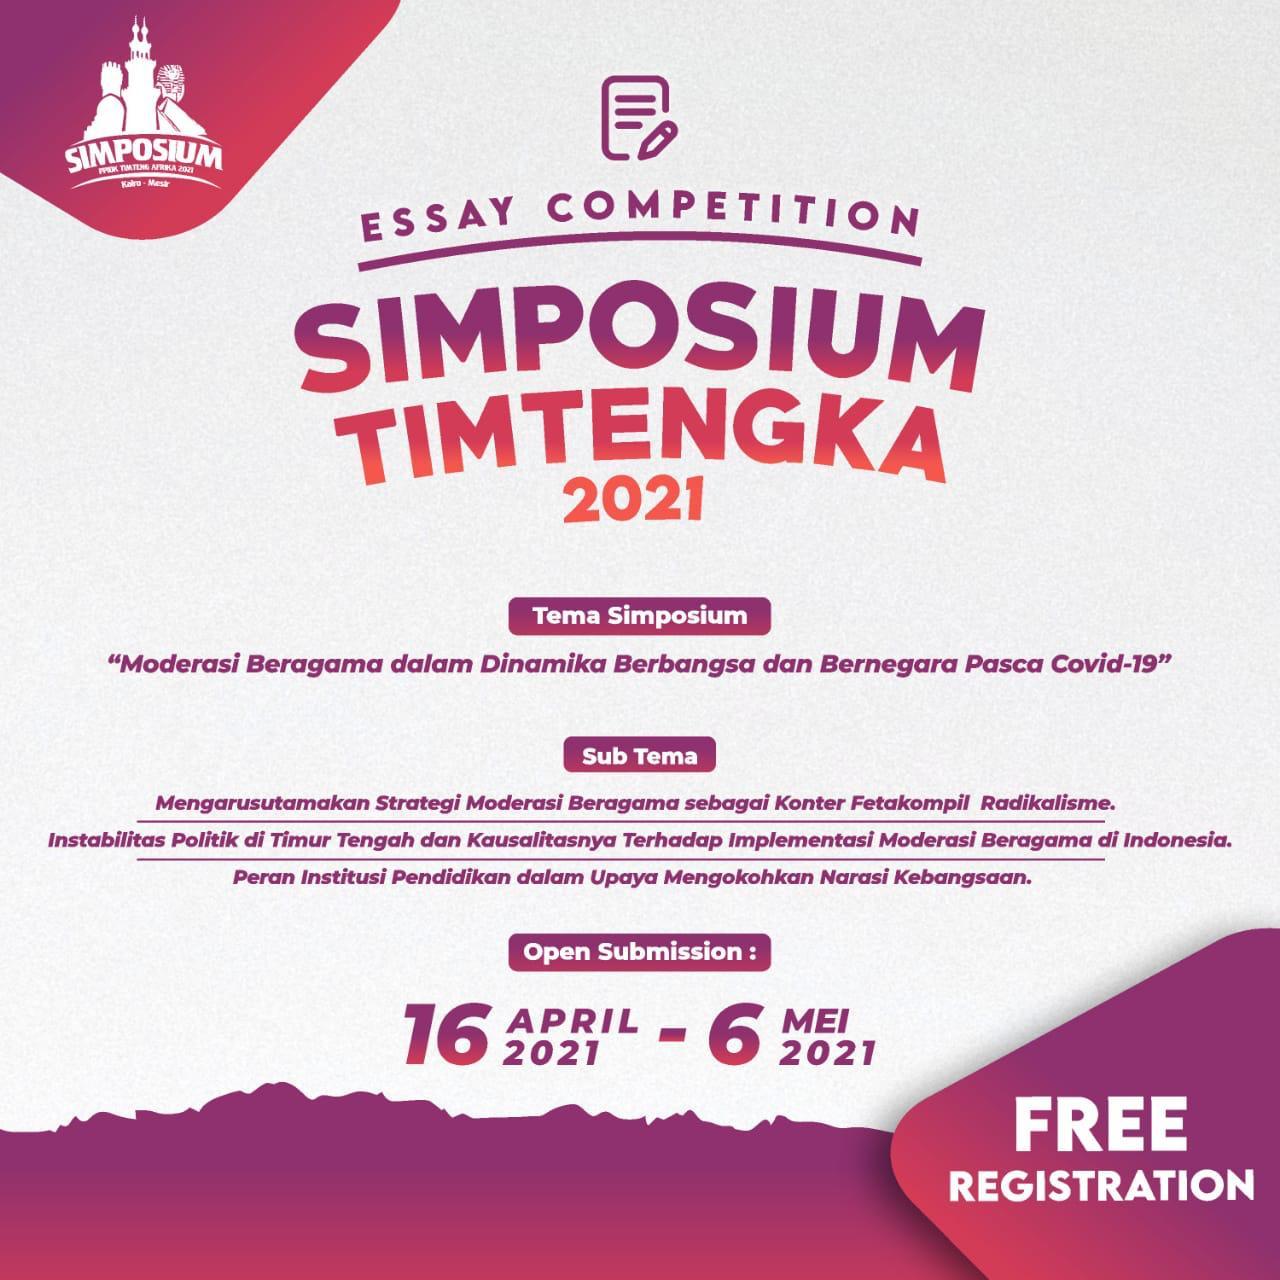 Simposium Kawasan Timur Tengah Afrika 2021, Gelar Essay Competition